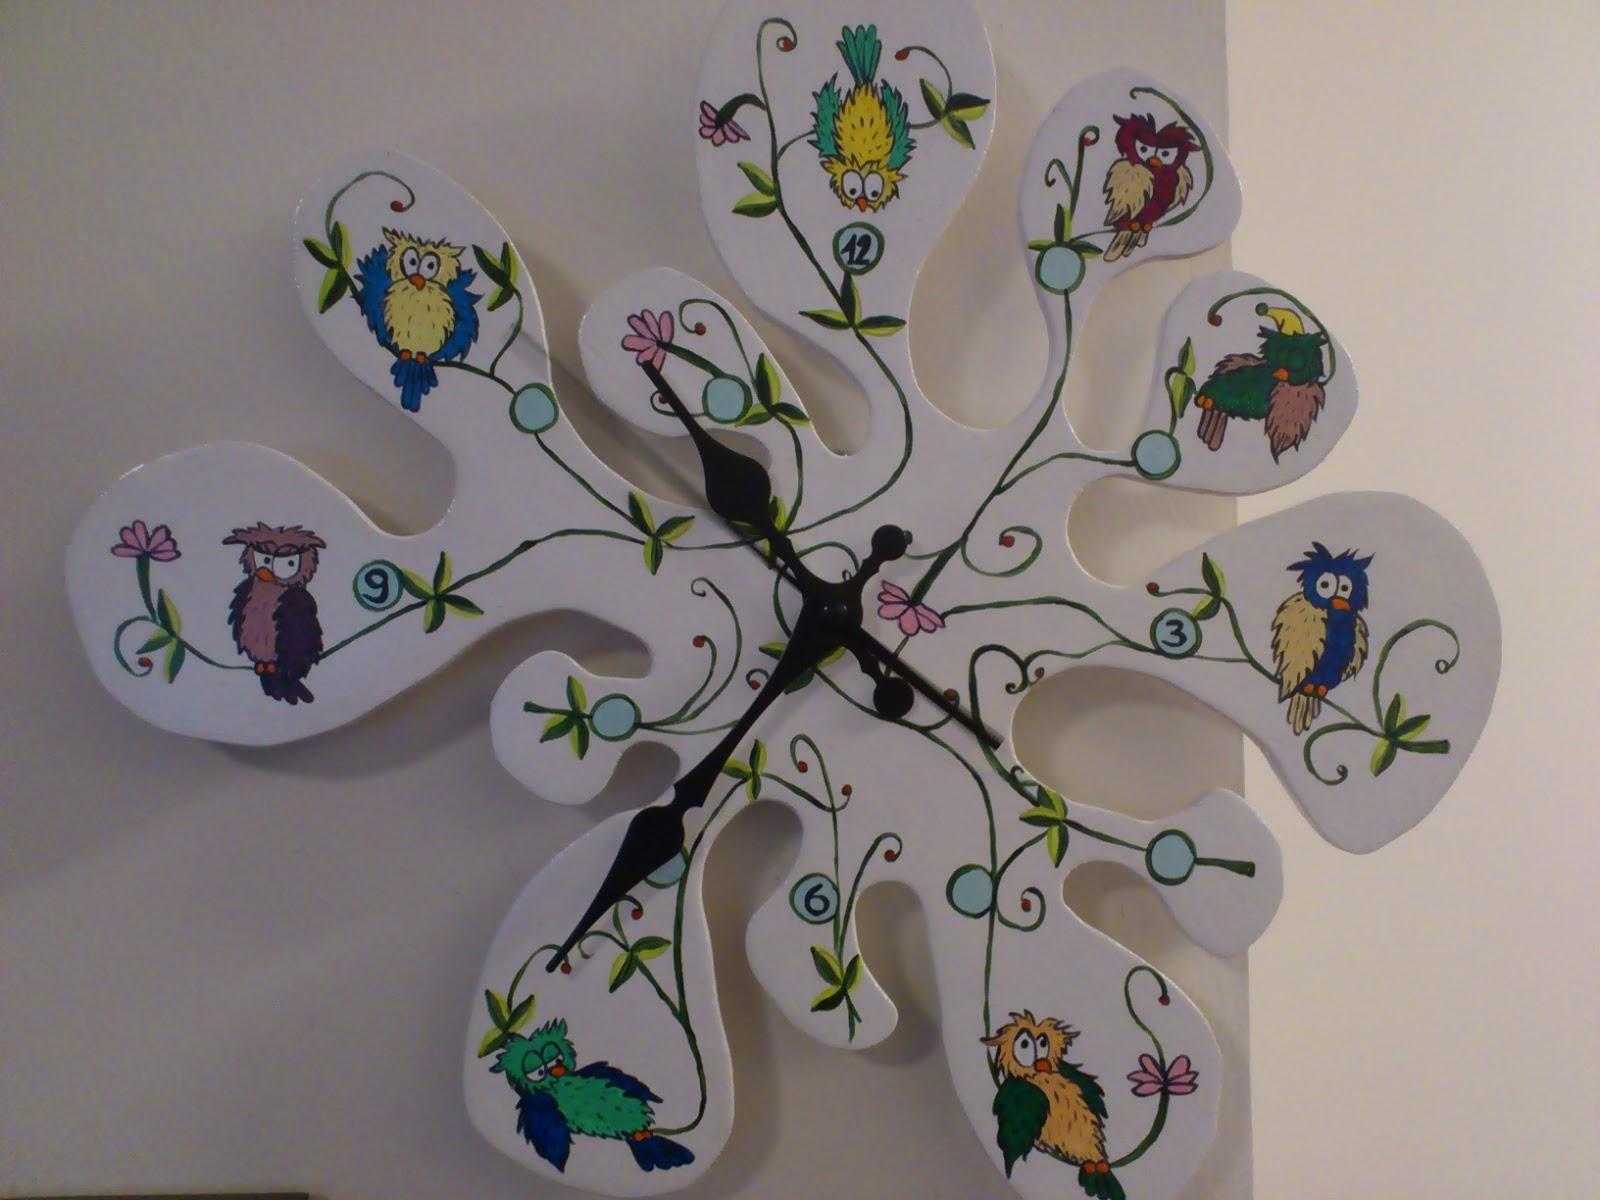 Officina ceramica by bv creazioni orologio gufoso da muro for Mattonelle da muro